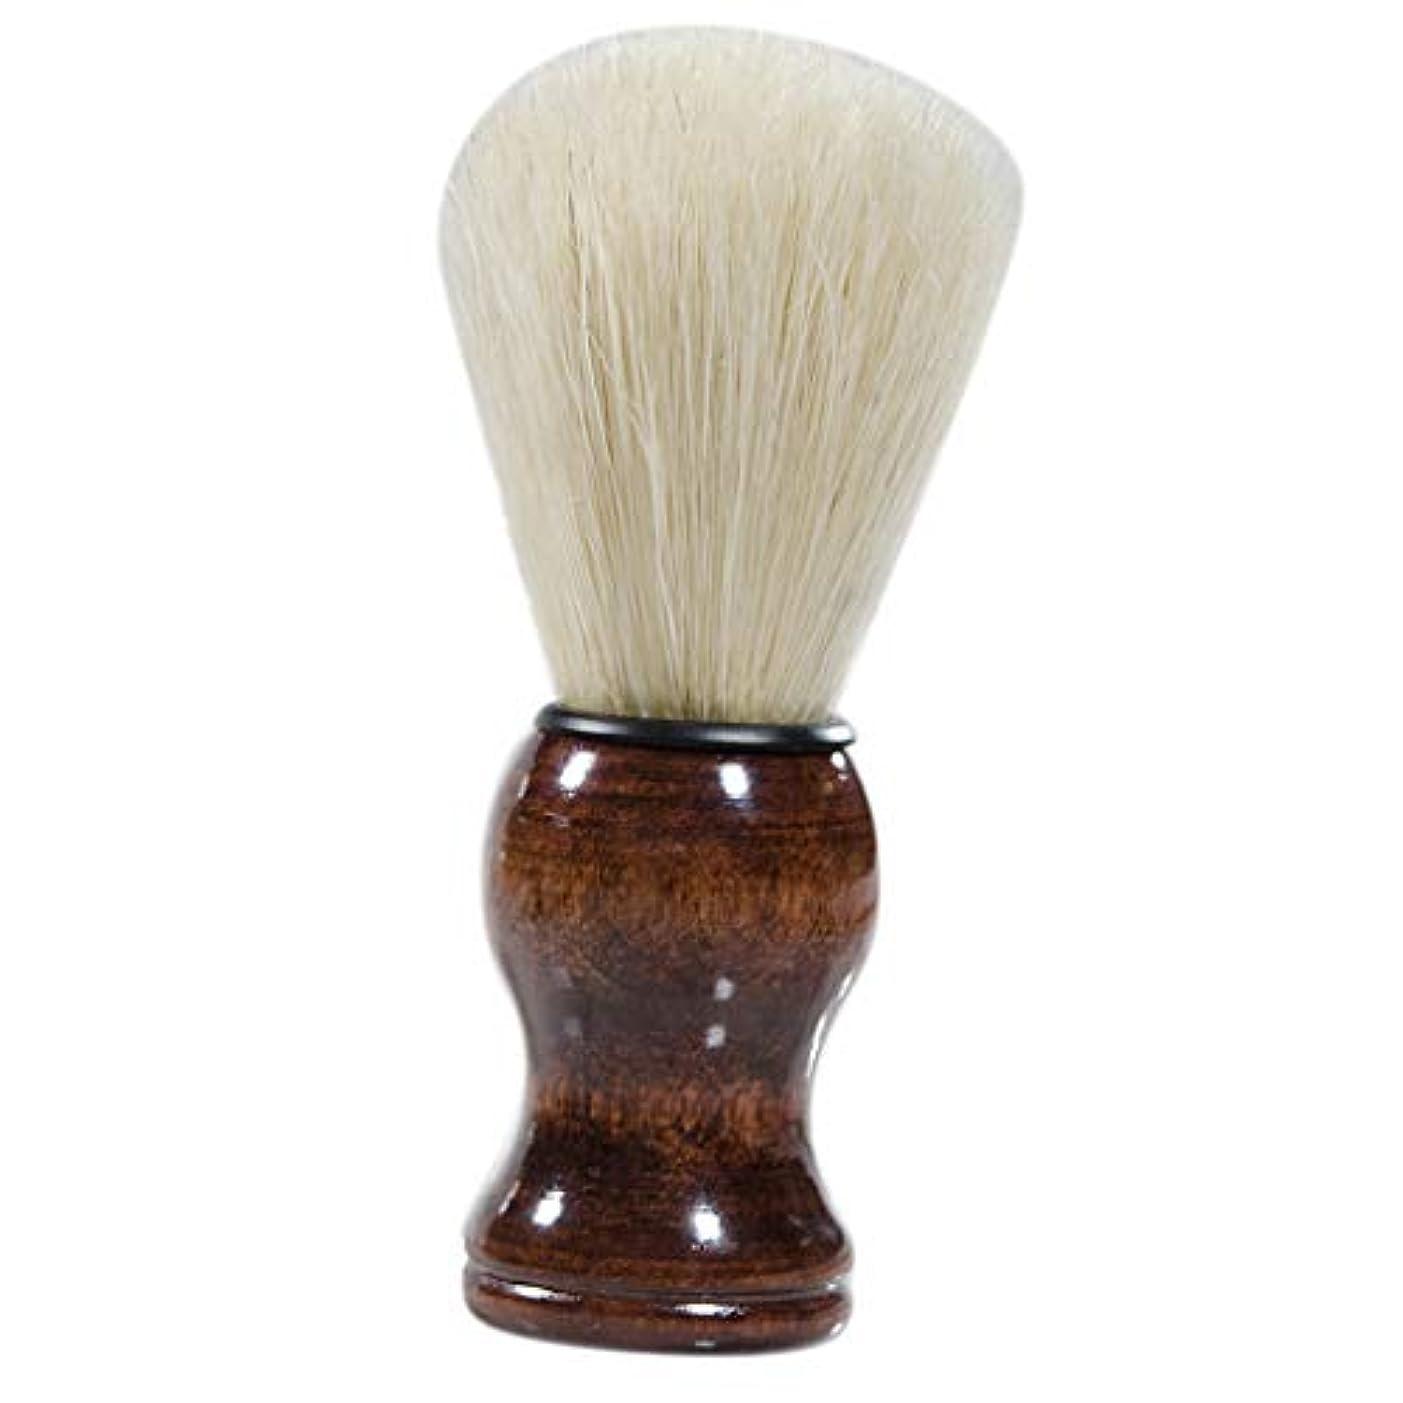 動機付ける放射能遷移Hellery ひげブラシ シェービングブラシ 髭剃りブラシ 理容 洗顔 髭剃り 泡立ち 父 プレゼント